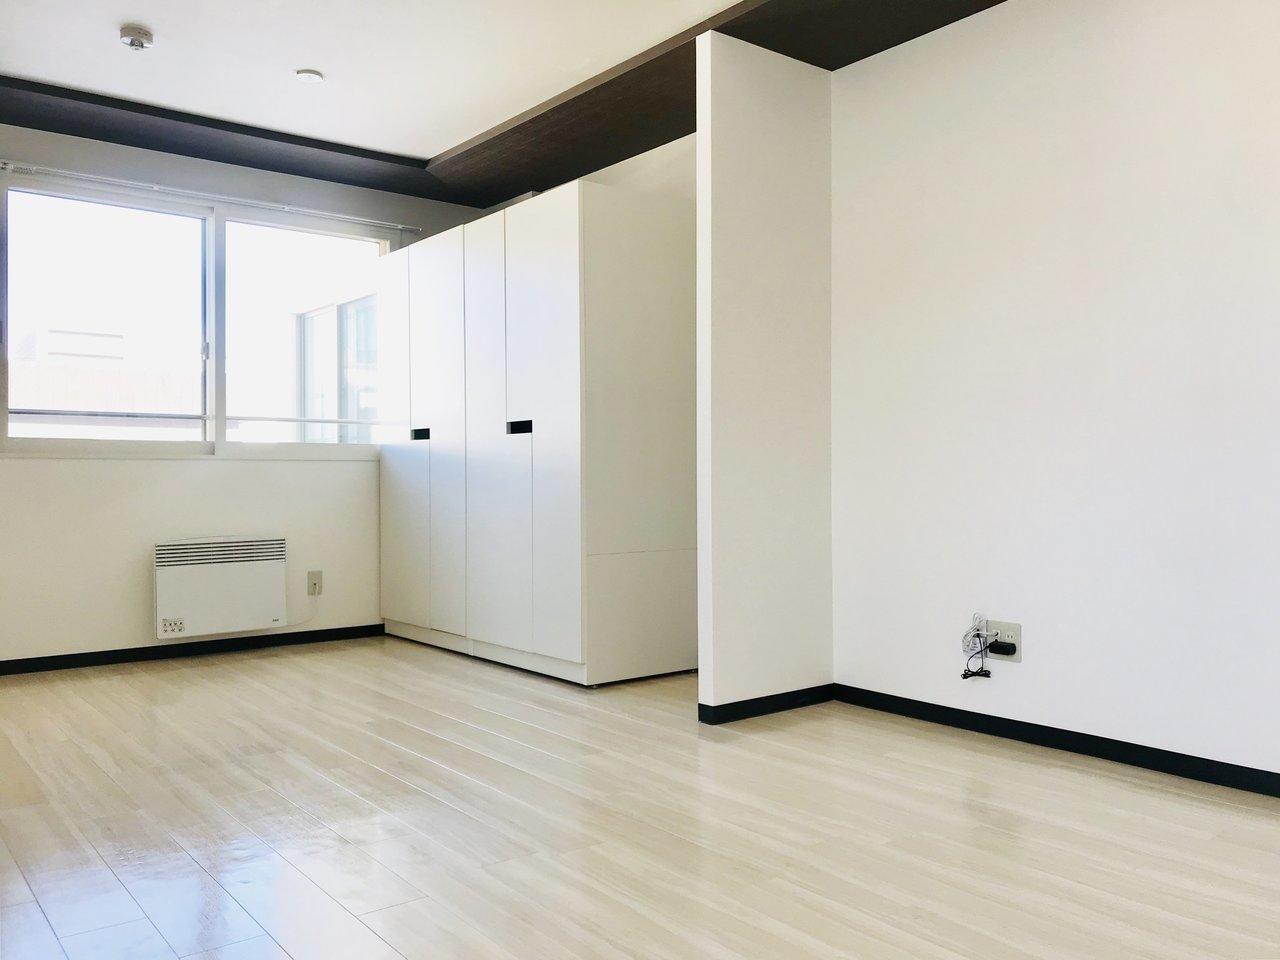 また、洋室部分にある大きな白い箱の正体は、可動式のクローゼット。リビングと洋室の仕切りがないため、このクローゼットをうまく活用してみてくださいね。